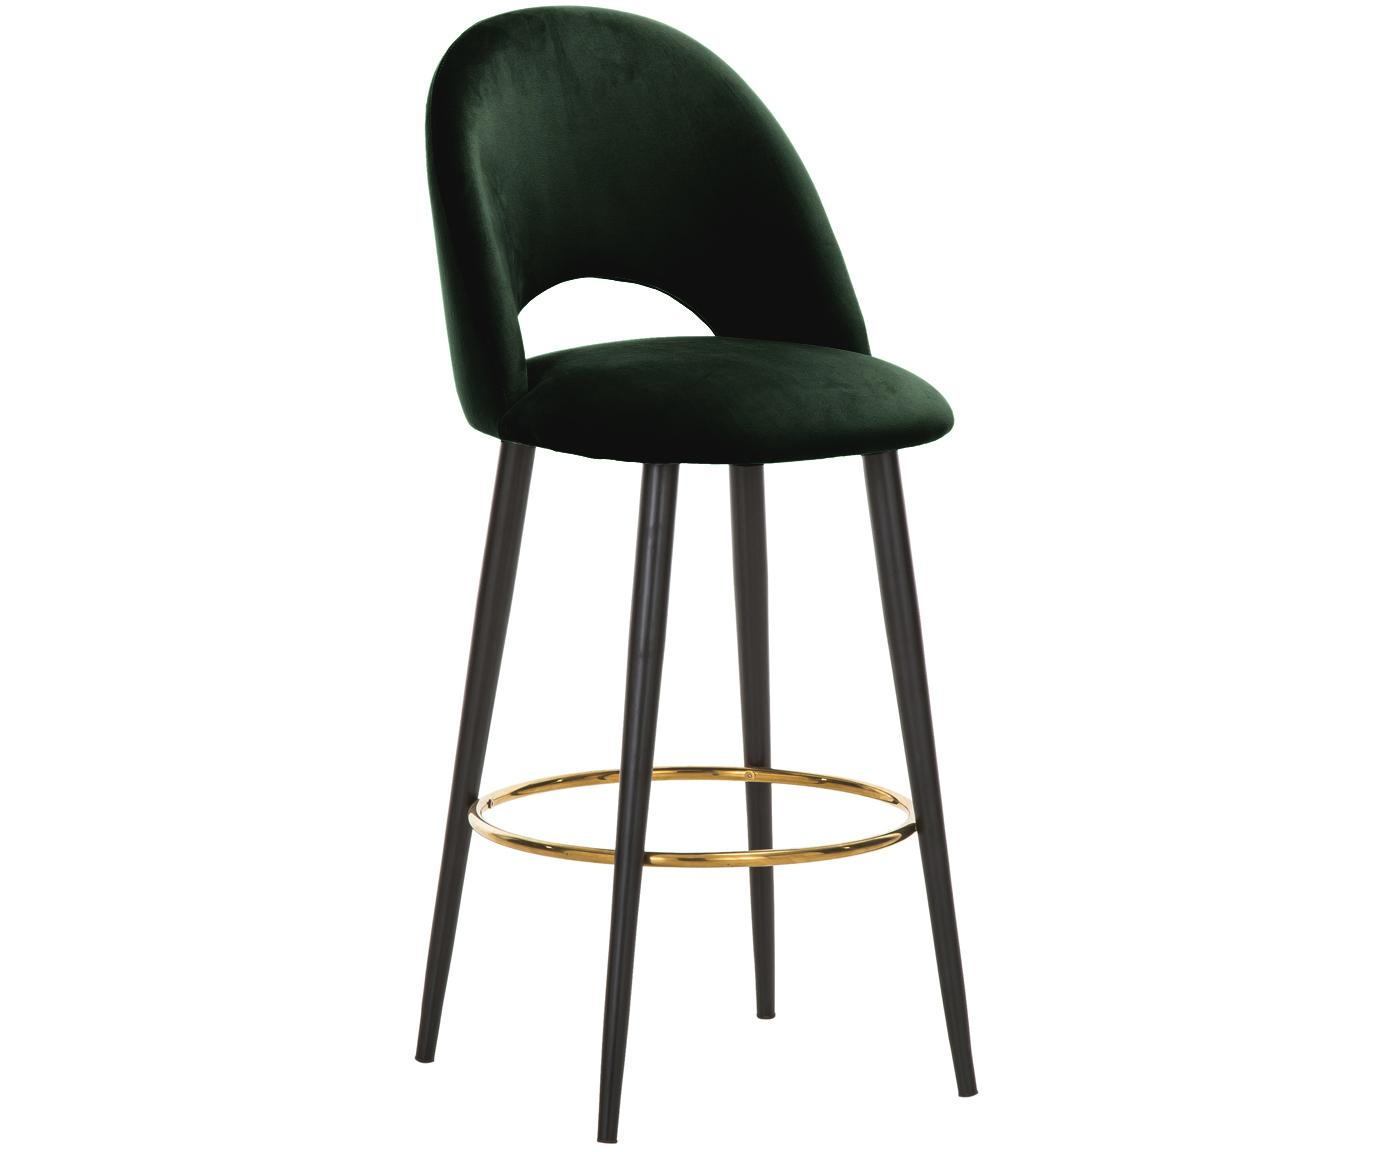 Sedia da bar in velluto Rachel, Rivestimento: velluto (poliestere) 50.0, Gambe: metallo verniciato a polv, Velluto verde scuro, Larg. 48 x Alt. 110 cm